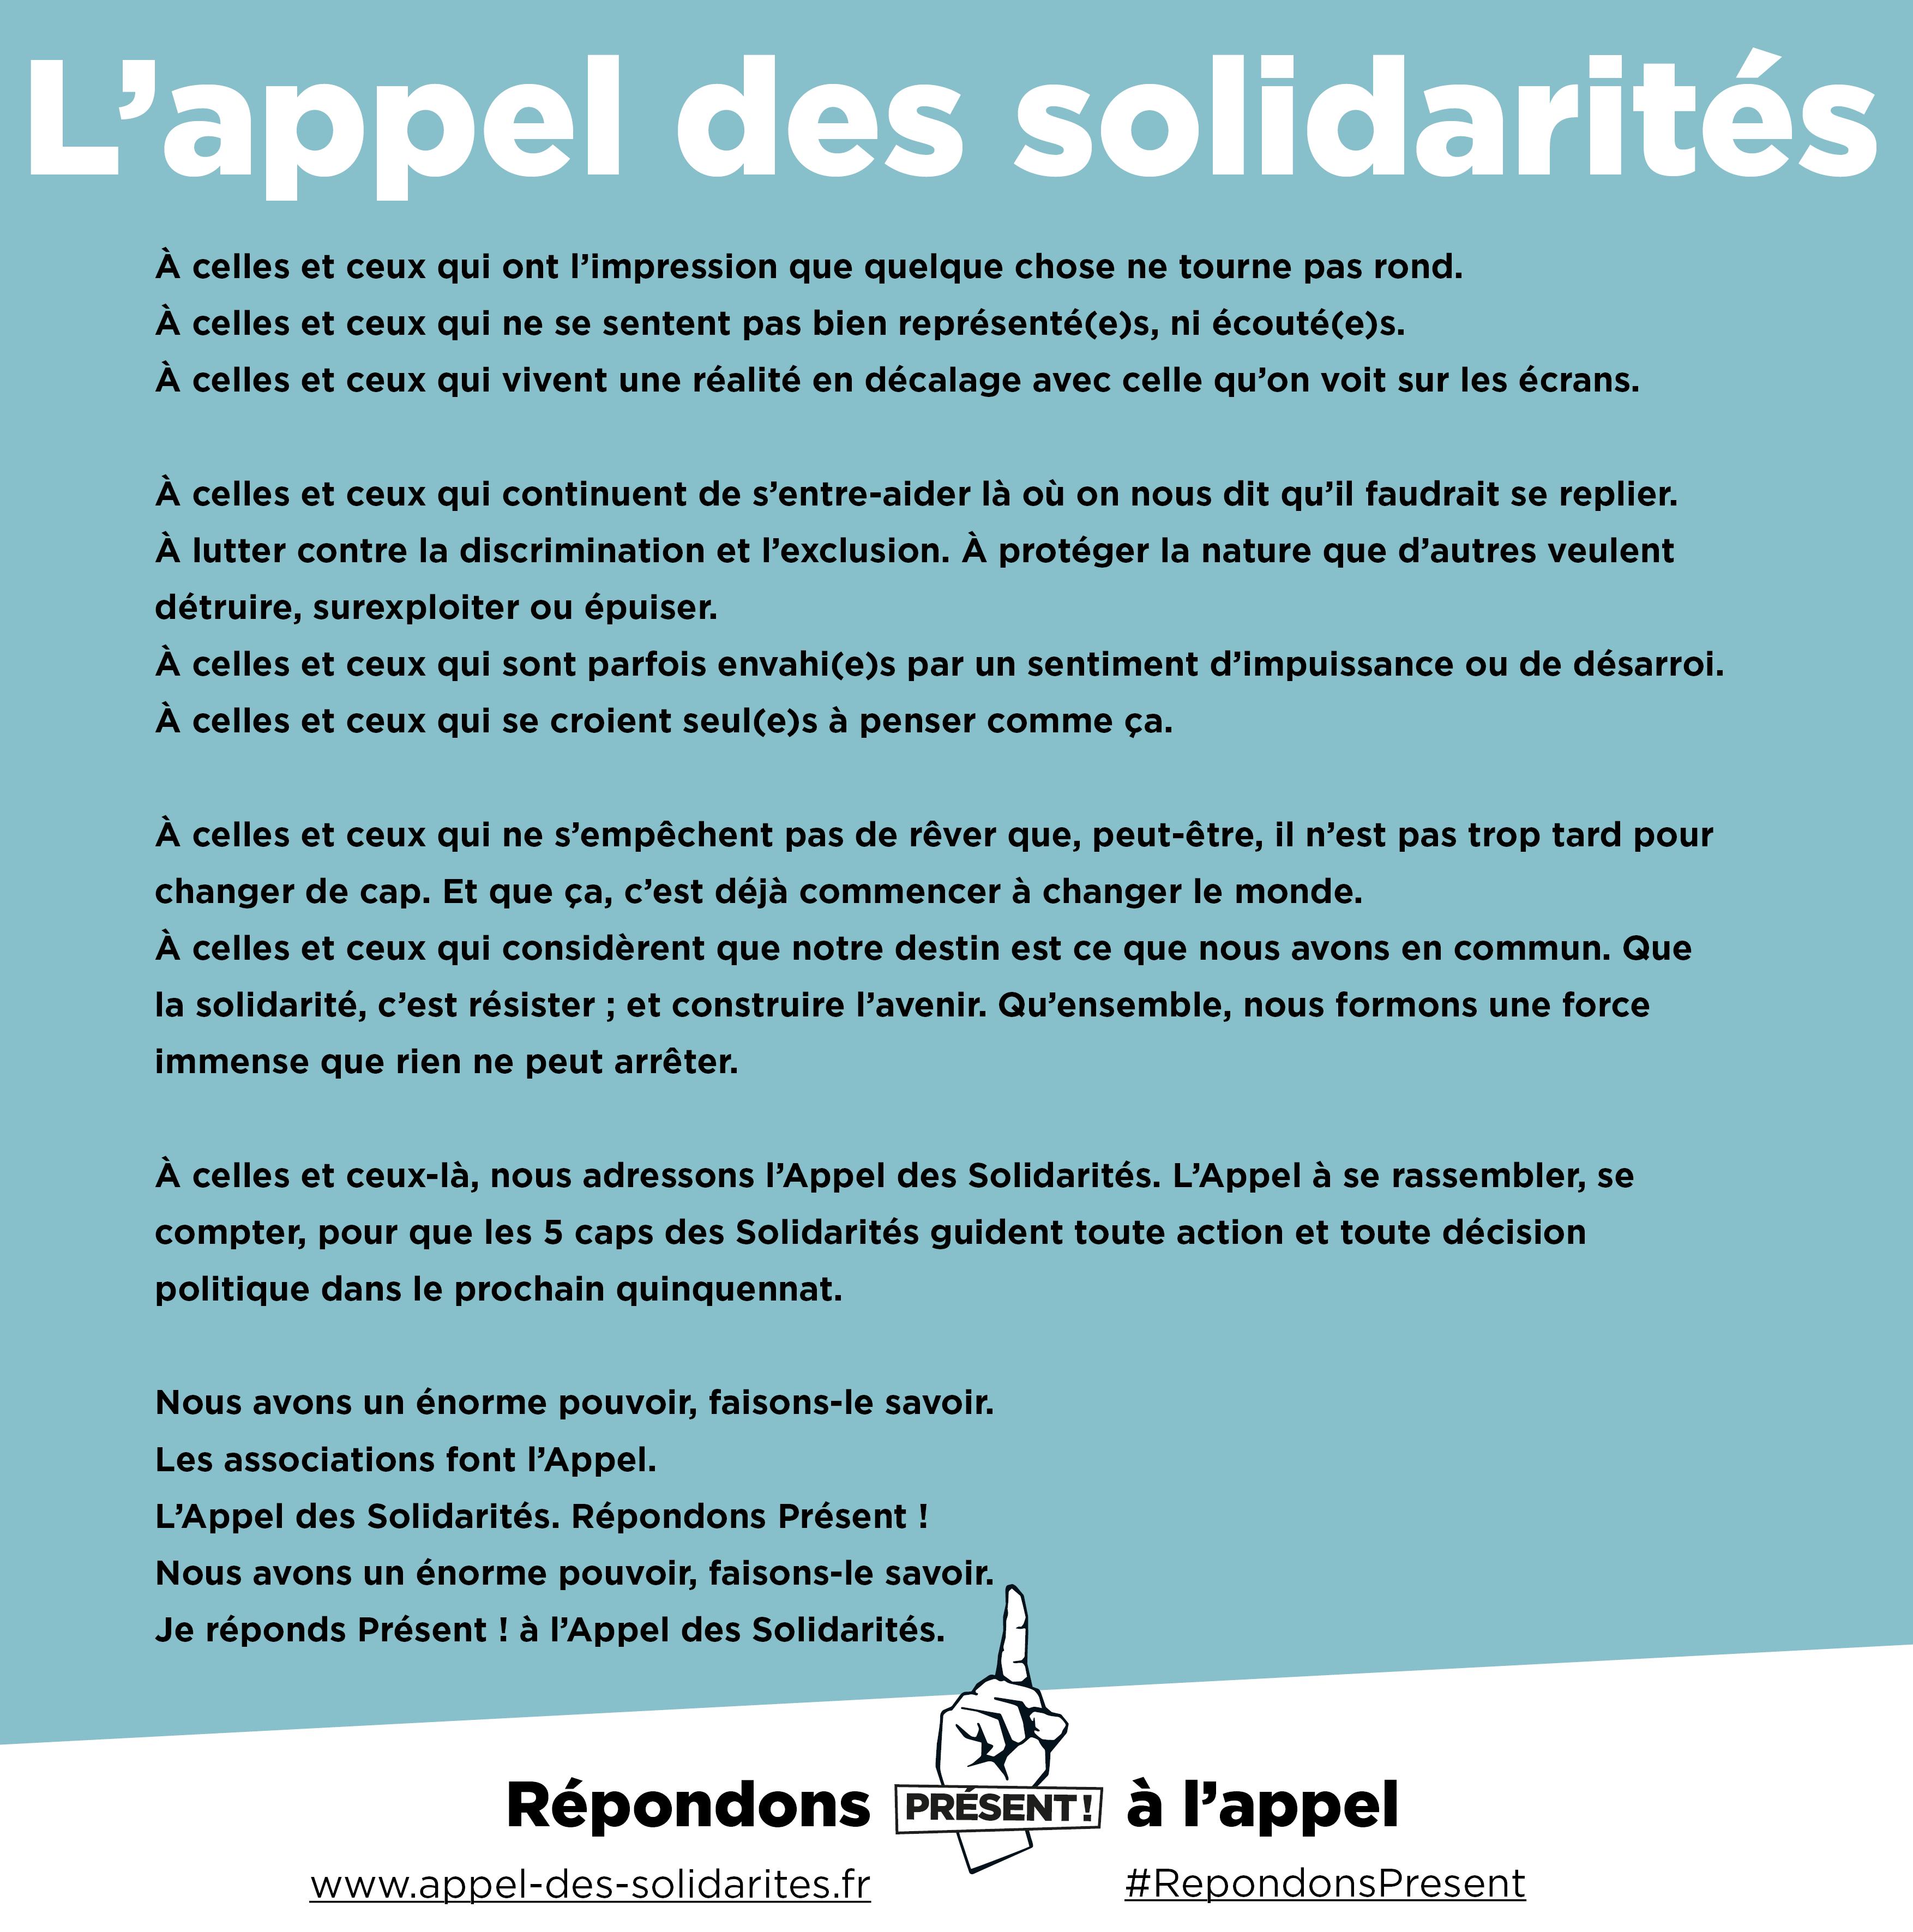 Appel des solidarite¦üs